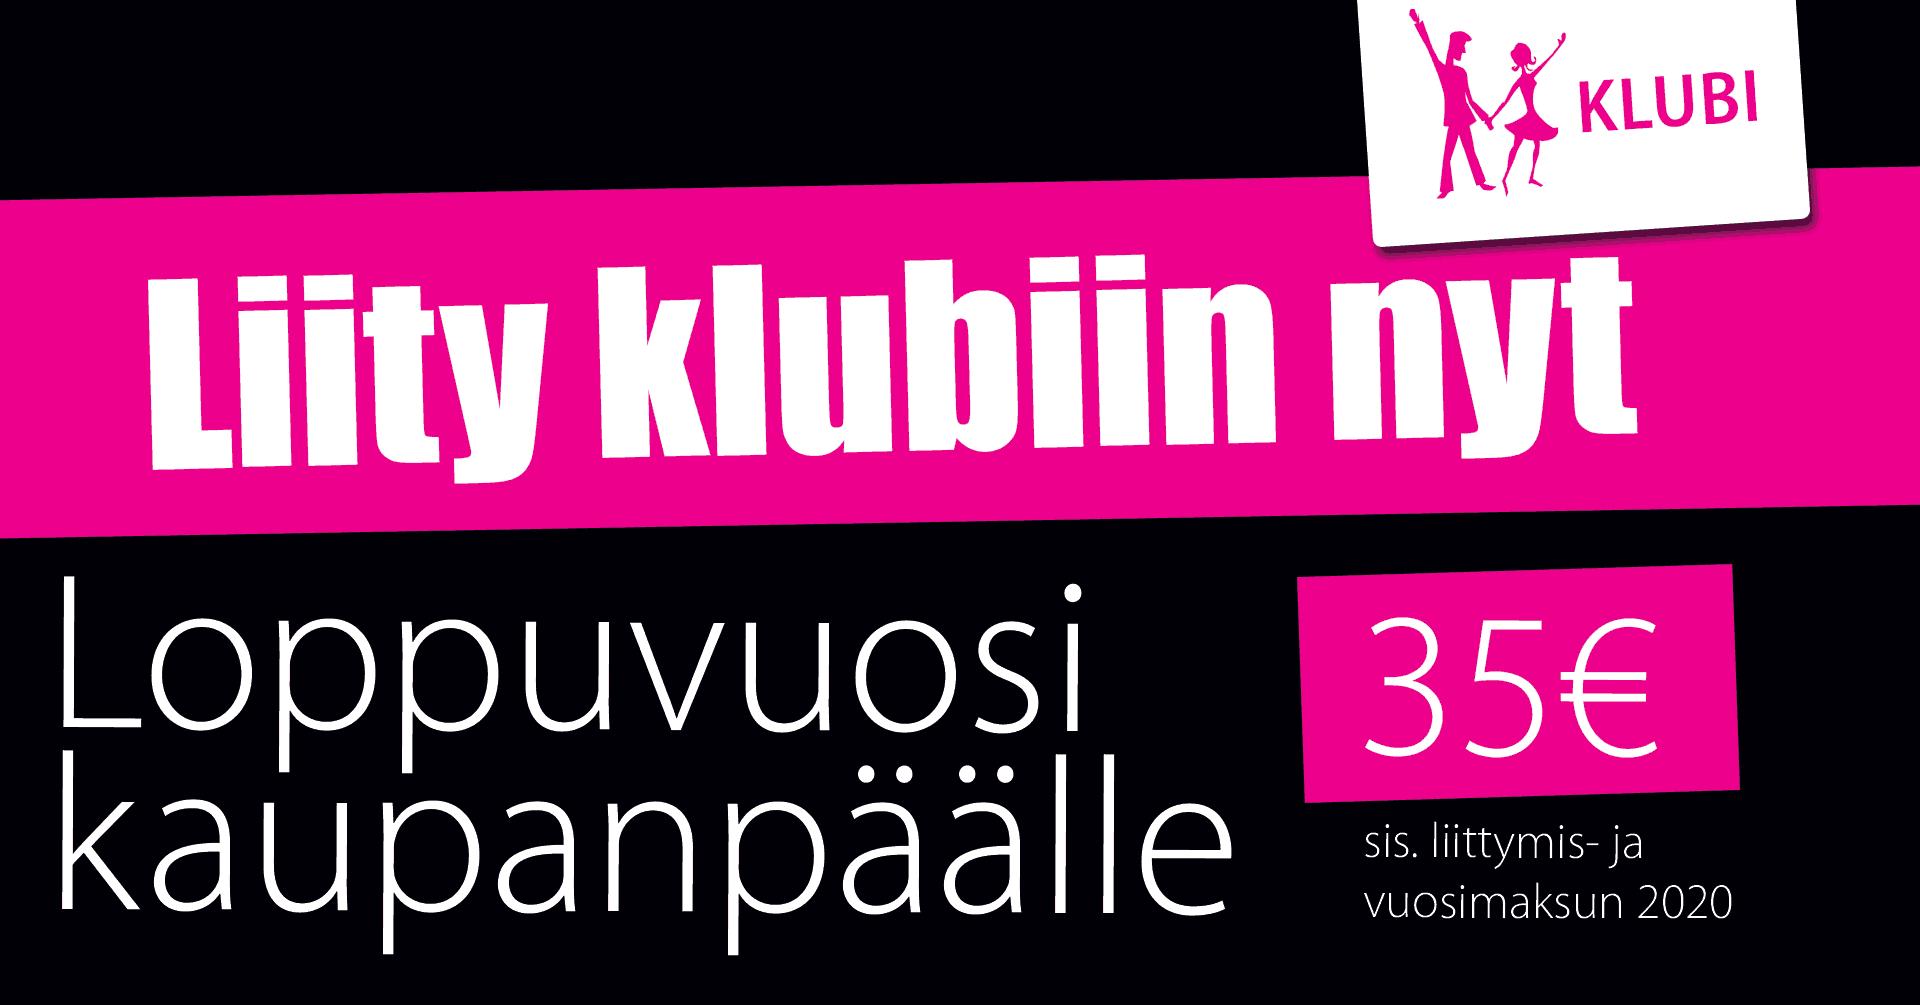 Liity klubiin - loppuvuosi kaupanpäälle / tanssikurssit.fi